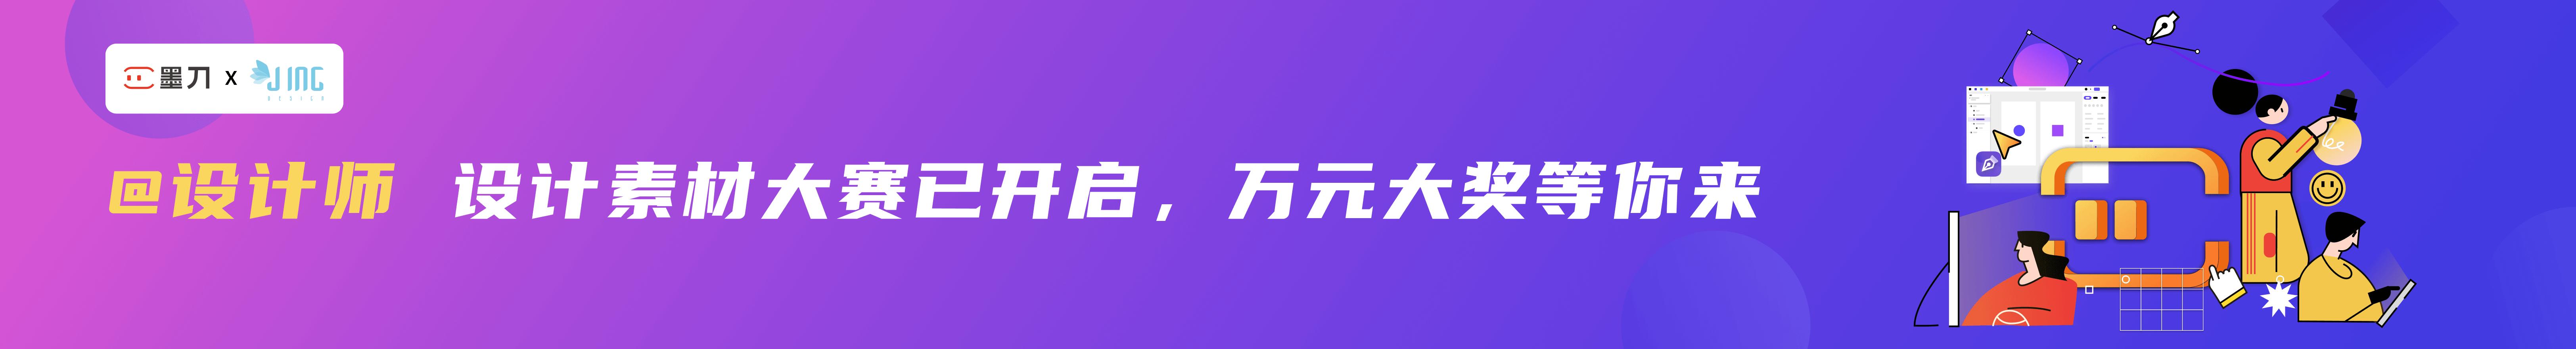 """""""墨刀素材大赛"""""""